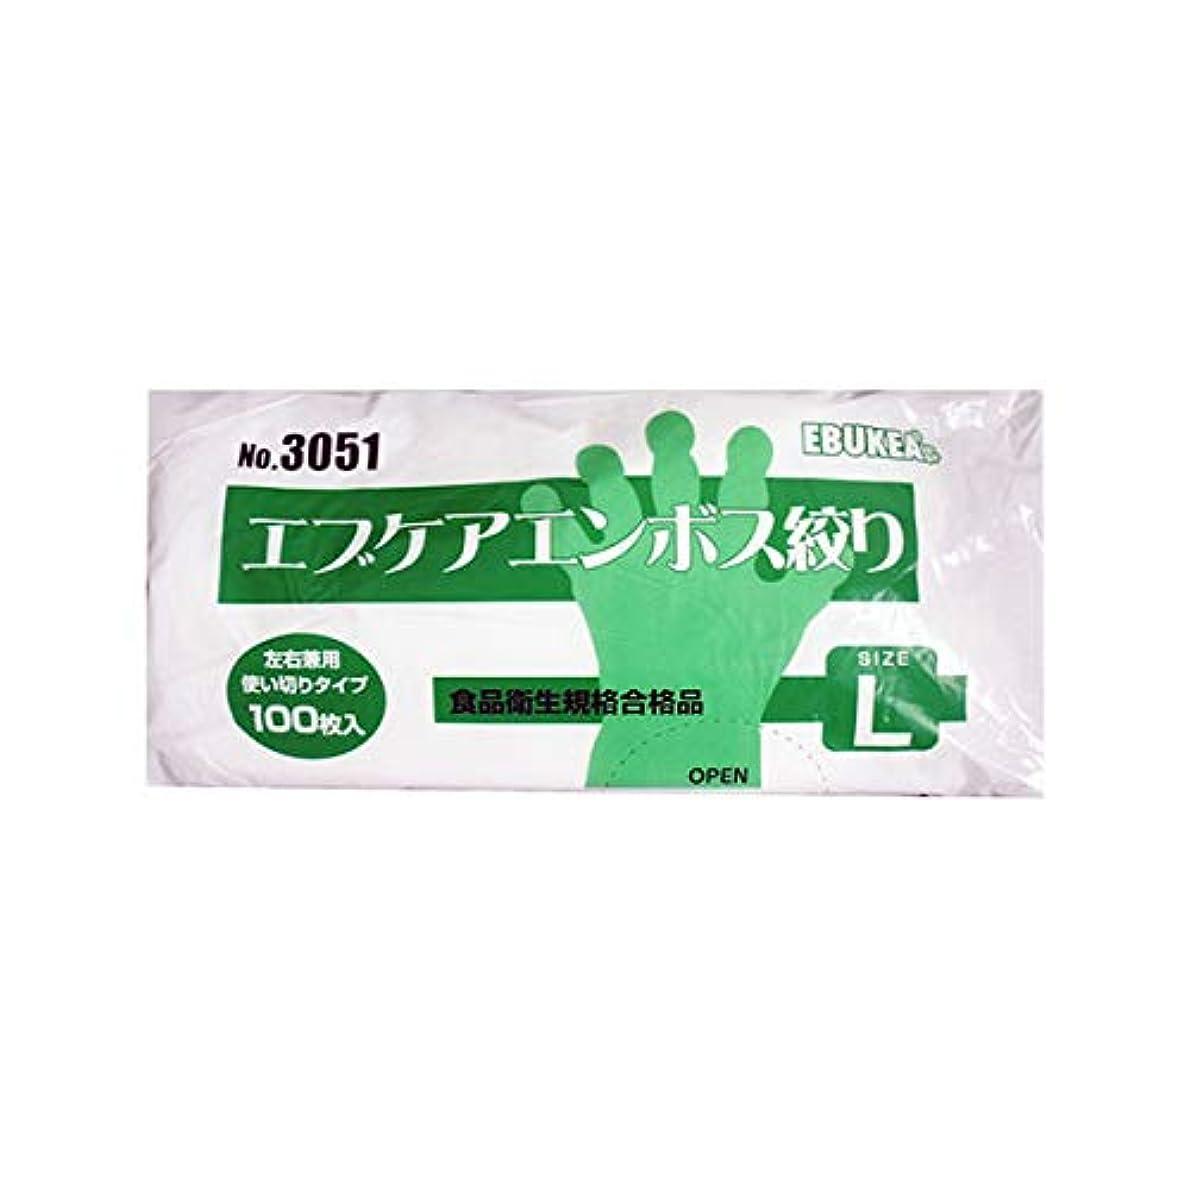 まさに振るう面白い使い捨て手袋 No.3051 食品加工用 エブケアエンボス絞り半透明 袋入 100枚X60パック Lサイズ エブノ